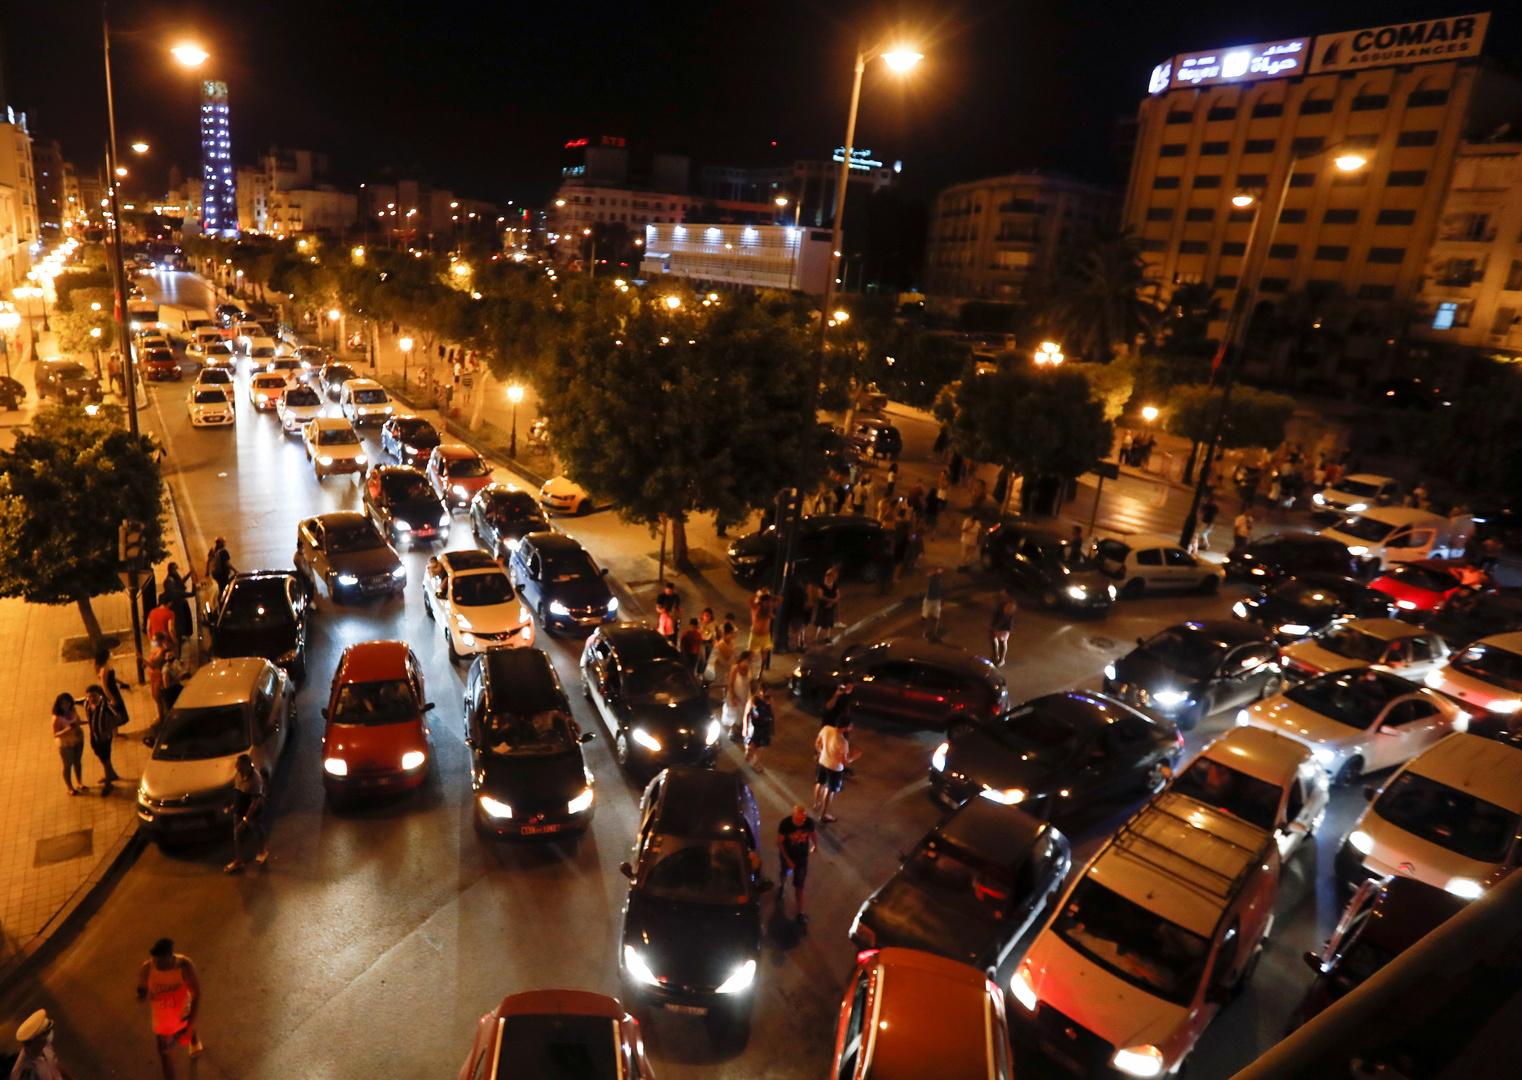 تونسيون يتدفقون إلى شوارع العاصمة للاحتفال بقرار رئيس البلاد، قيس سعيد، تجميد عمل البرلمان وإقالة الحكومة.